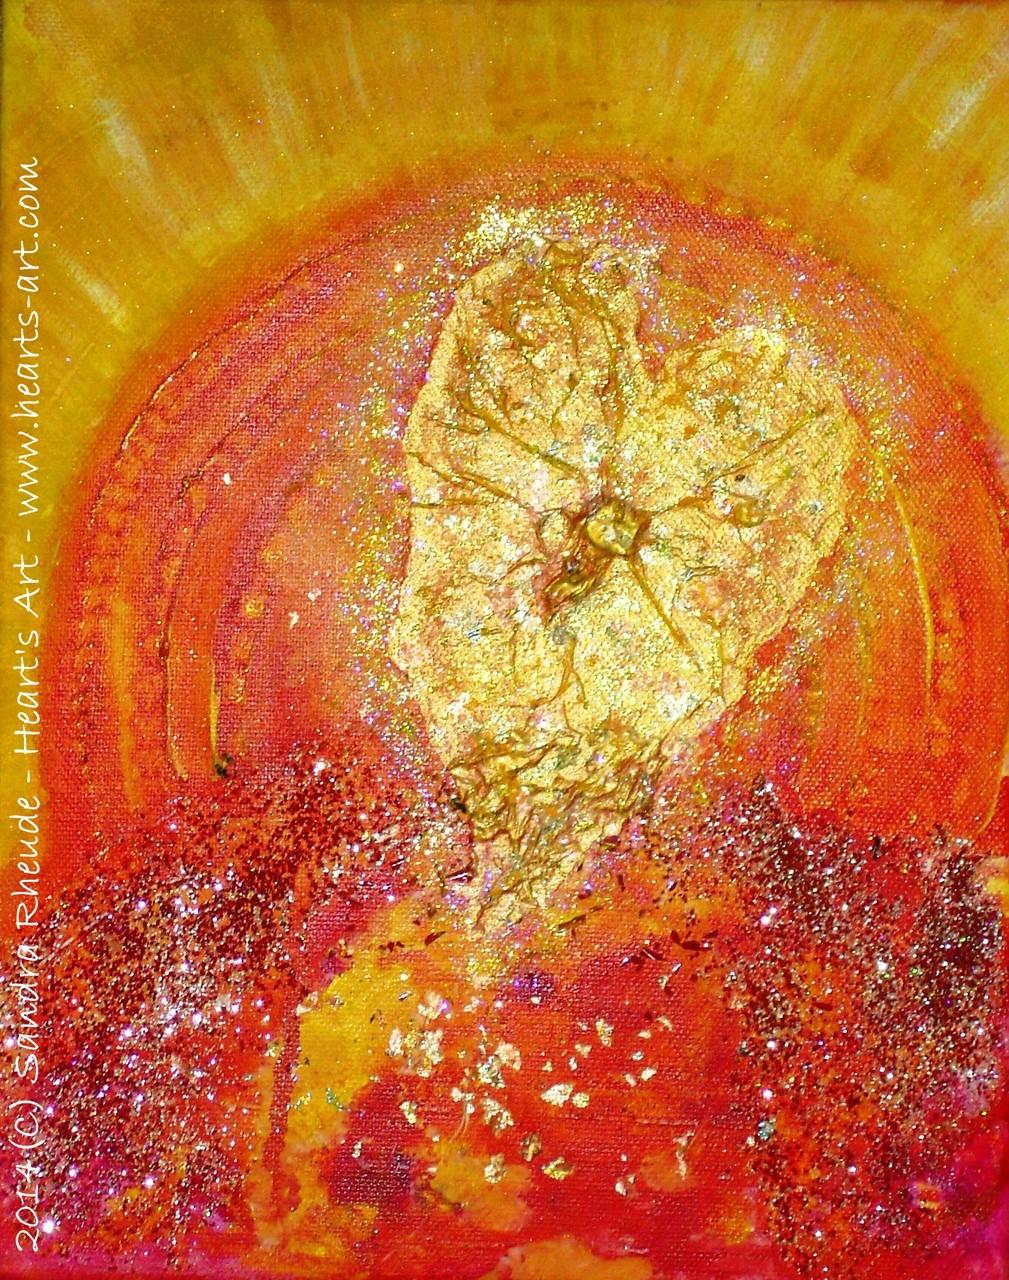 'Unfolding Heart' - 2014/4 - Acryl/MixedMedia auf Leinwand - 24 x 30 cm - verkauft